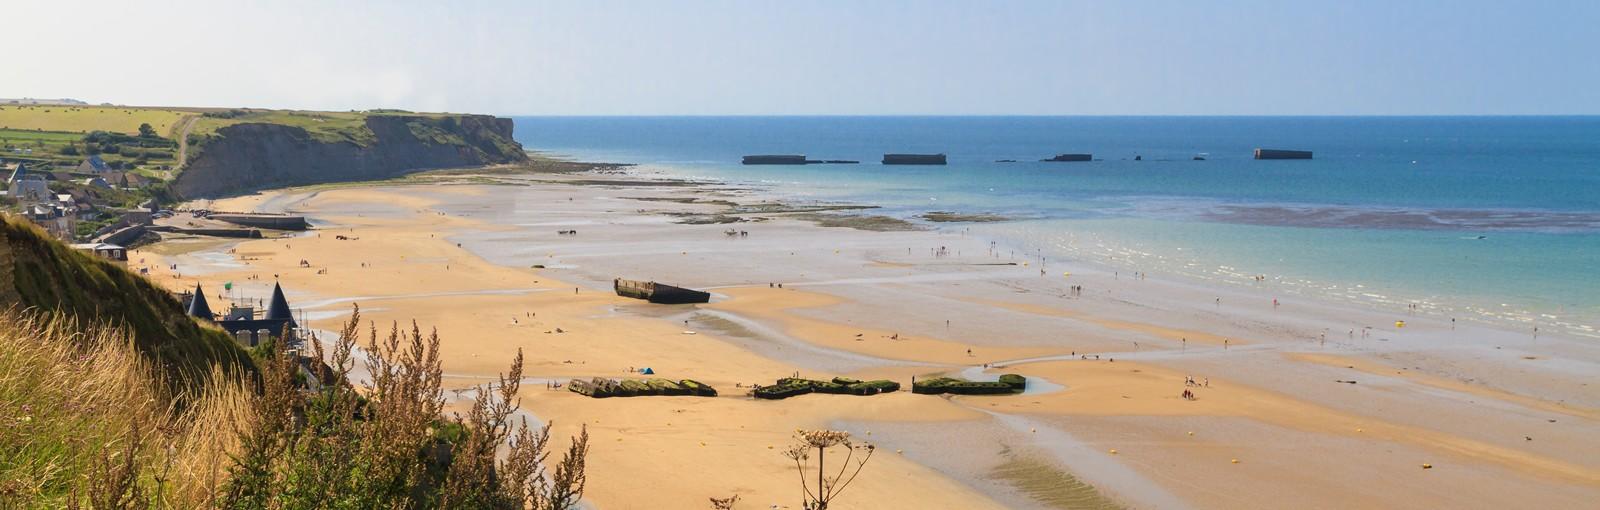 Tours Bayeux y las playas del Desembarco - Días completos - Excursiones desde París